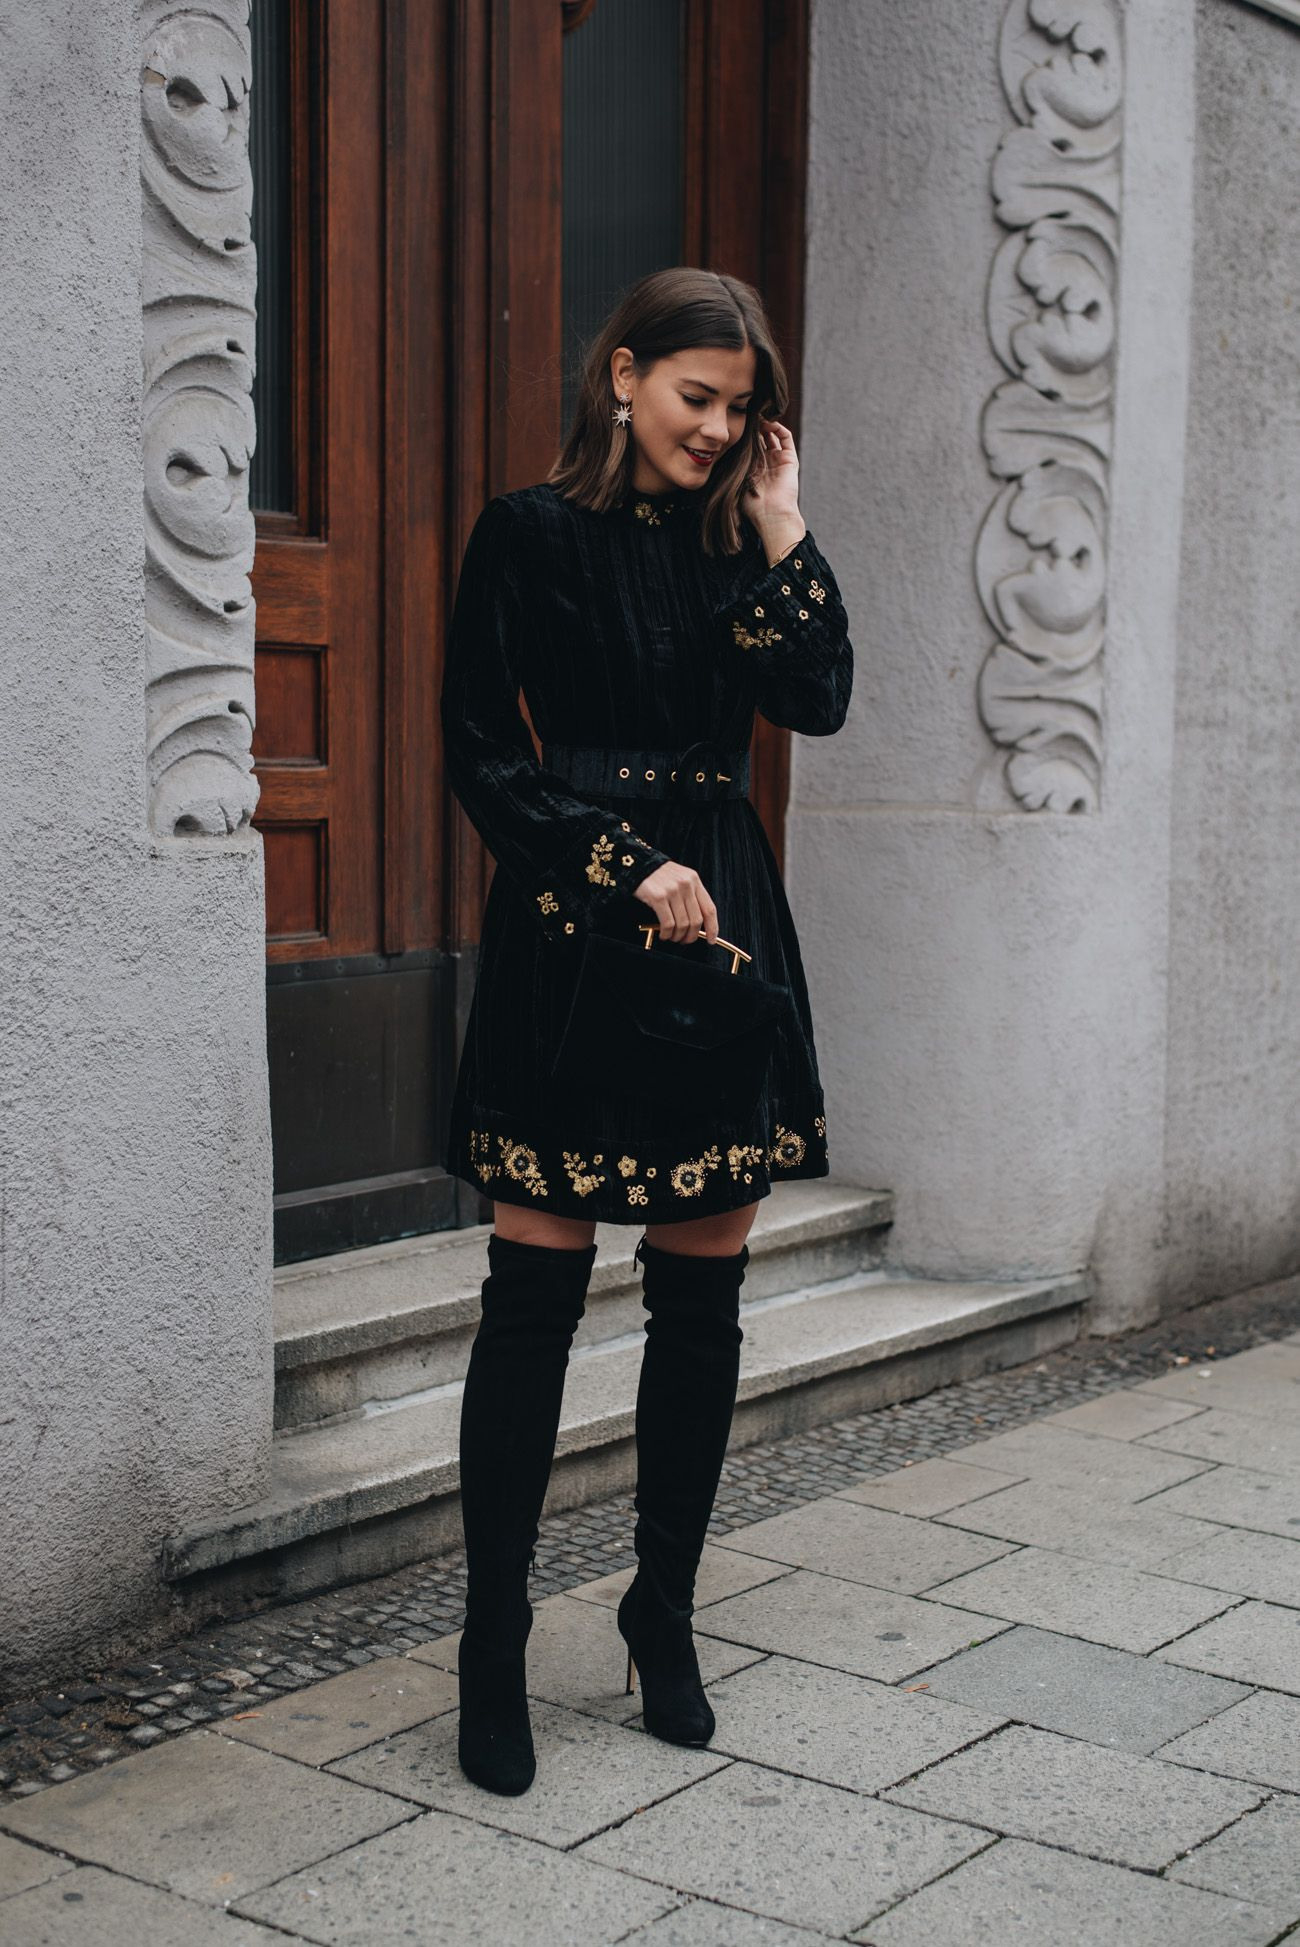 10 Leicht Abendkleid Und Stiefel SpezialgebietDesigner Kreativ Abendkleid Und Stiefel Design